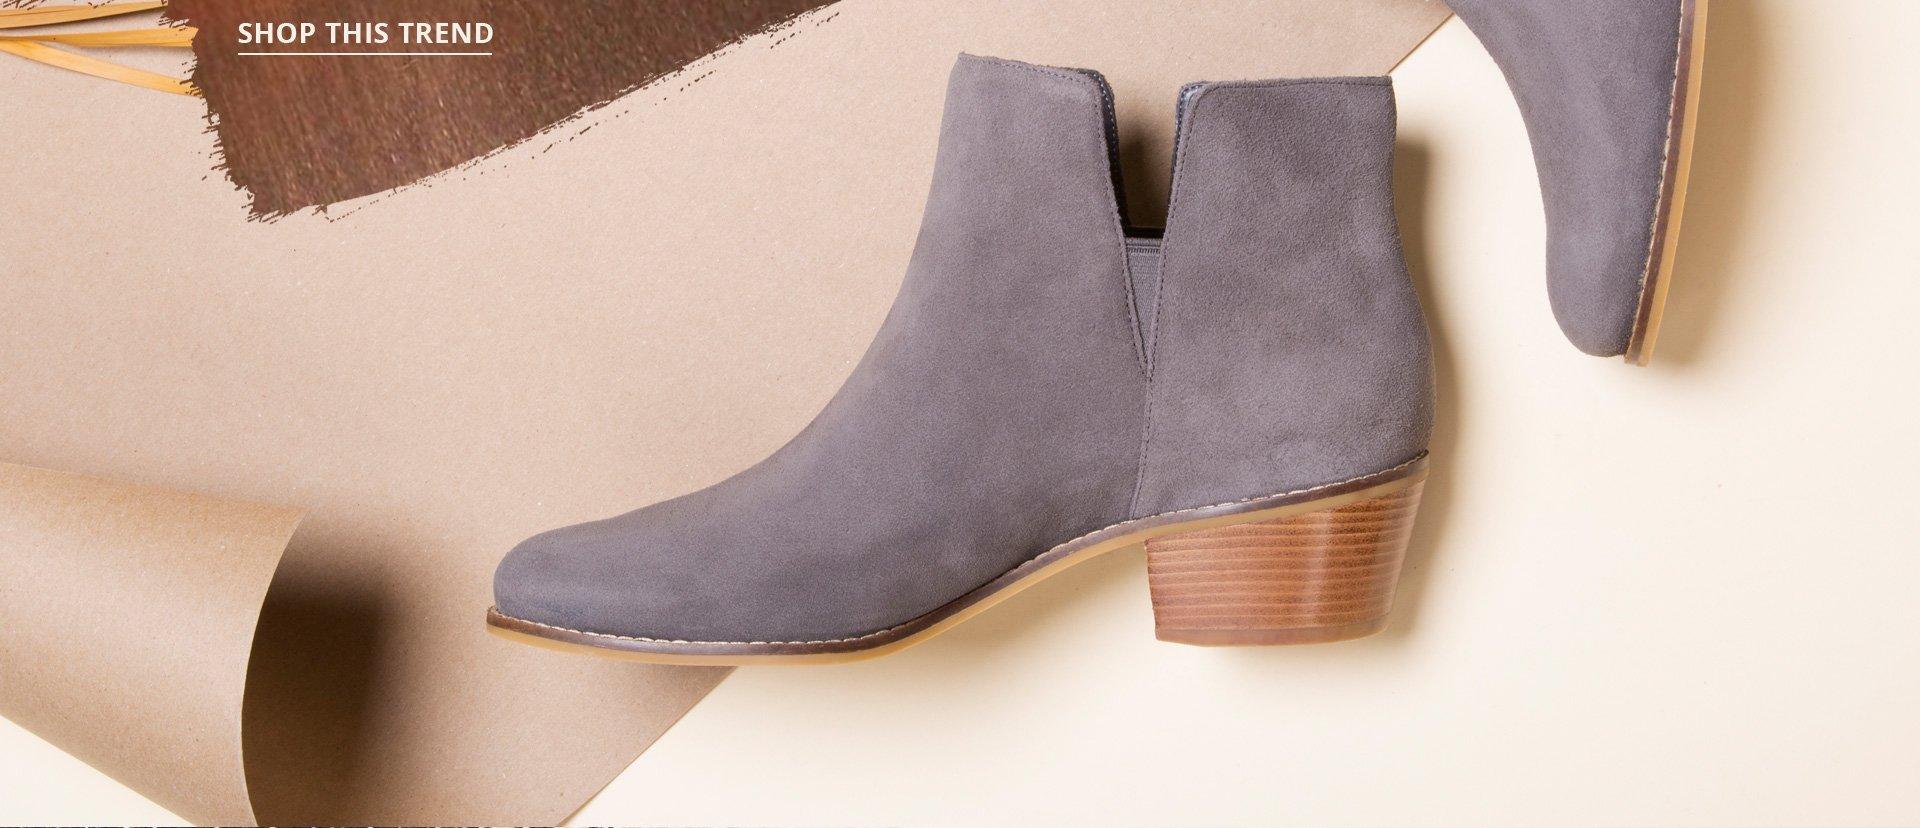 Women's Fall Footwear Trends | Zappos.com